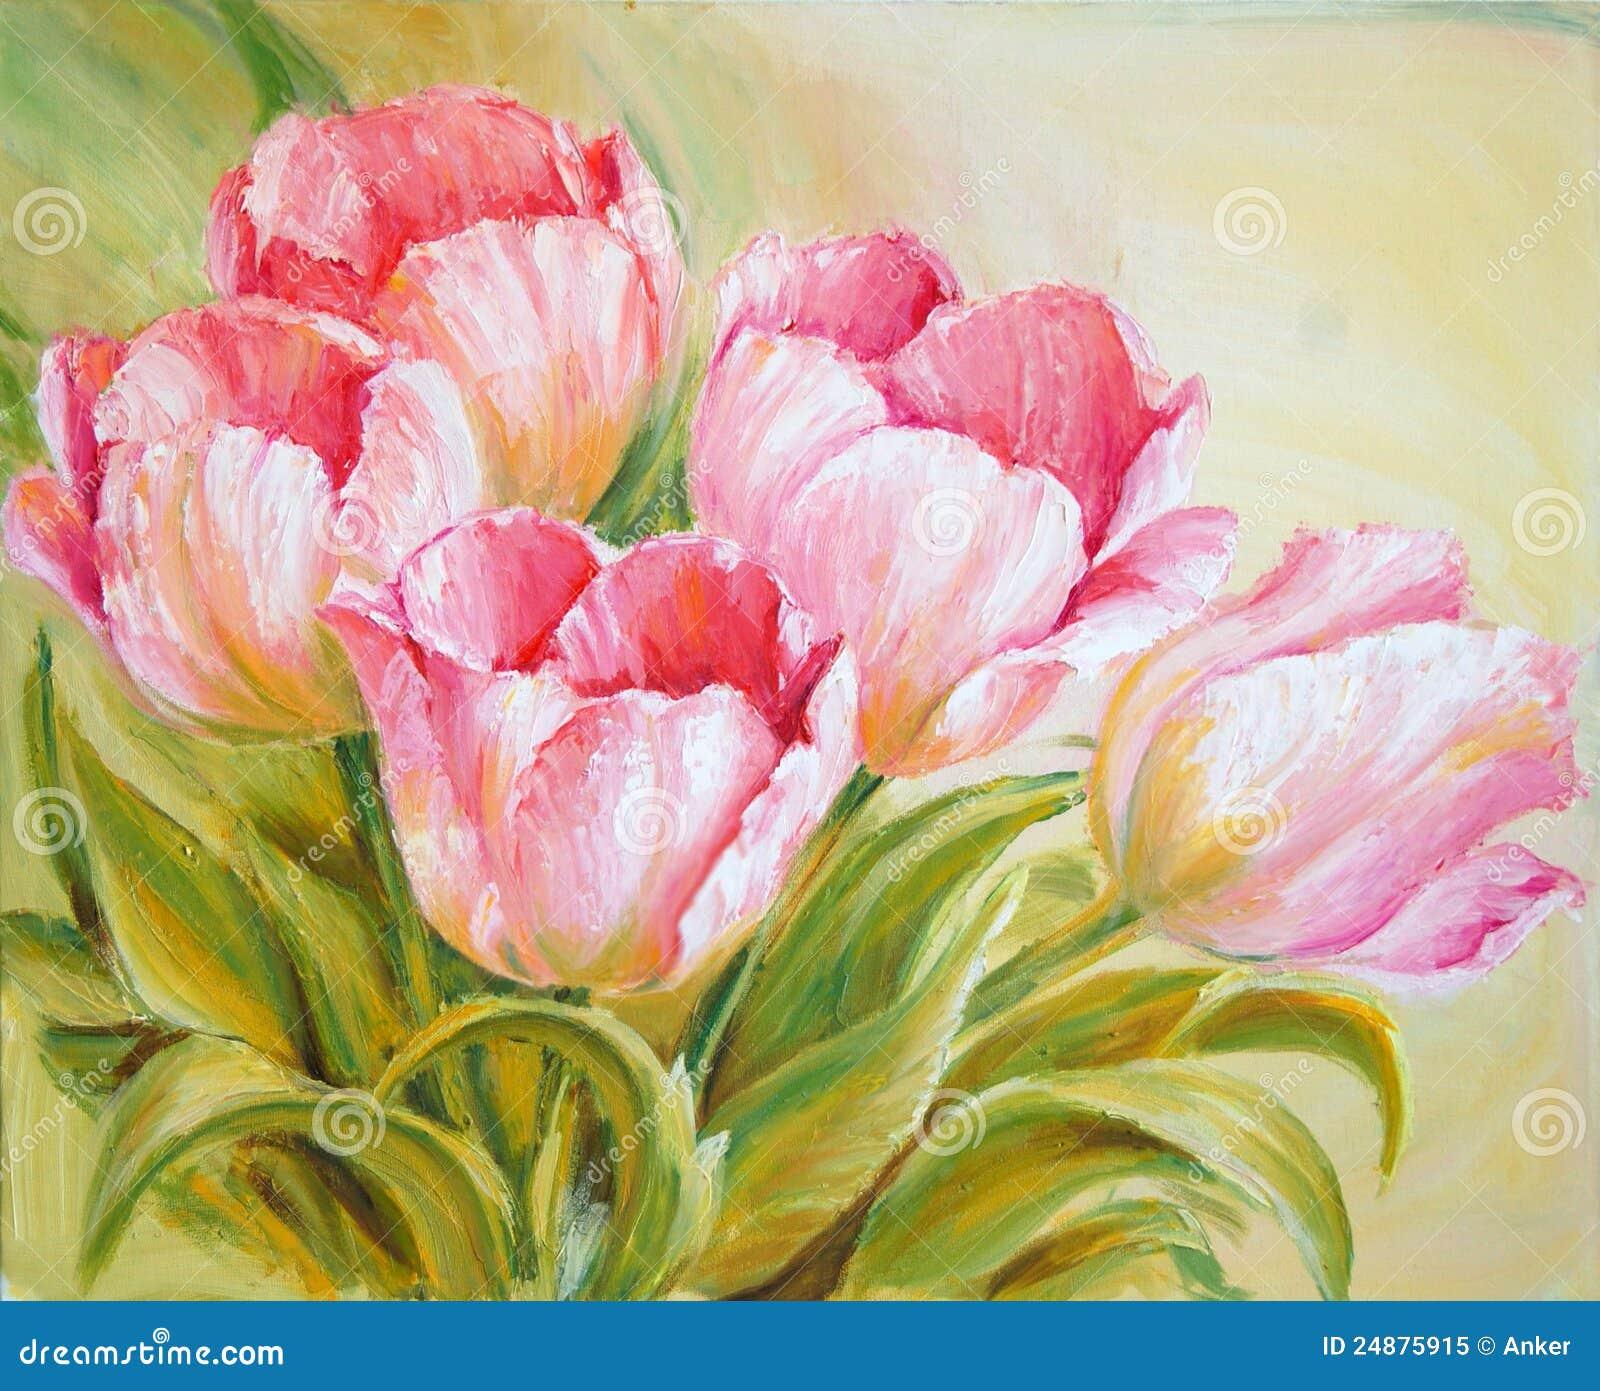 dipingere fiori ad olio og02 regardsdefemmes